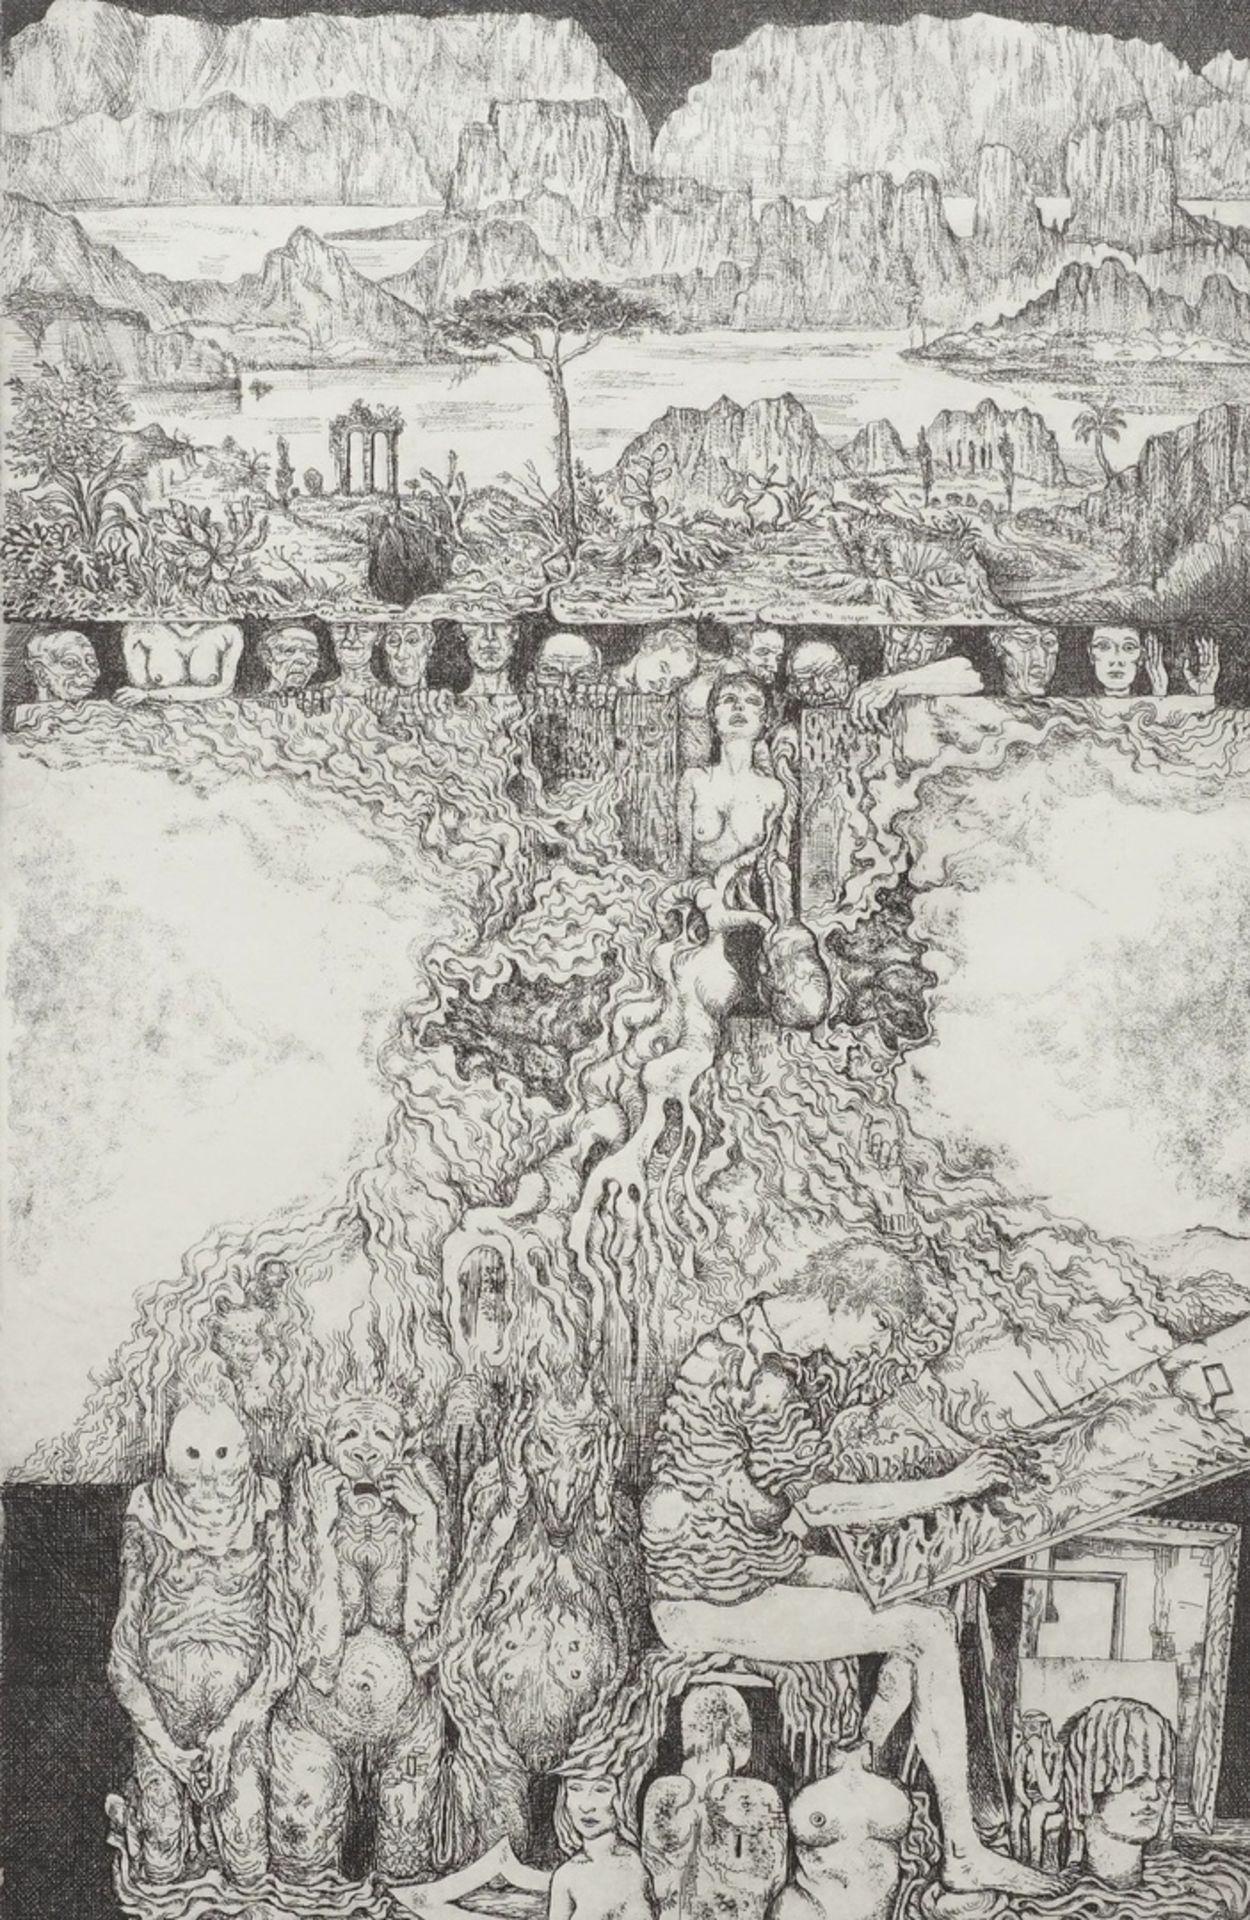 Unbekannter Radier-Künstler, Phantastisch-groteske Szene